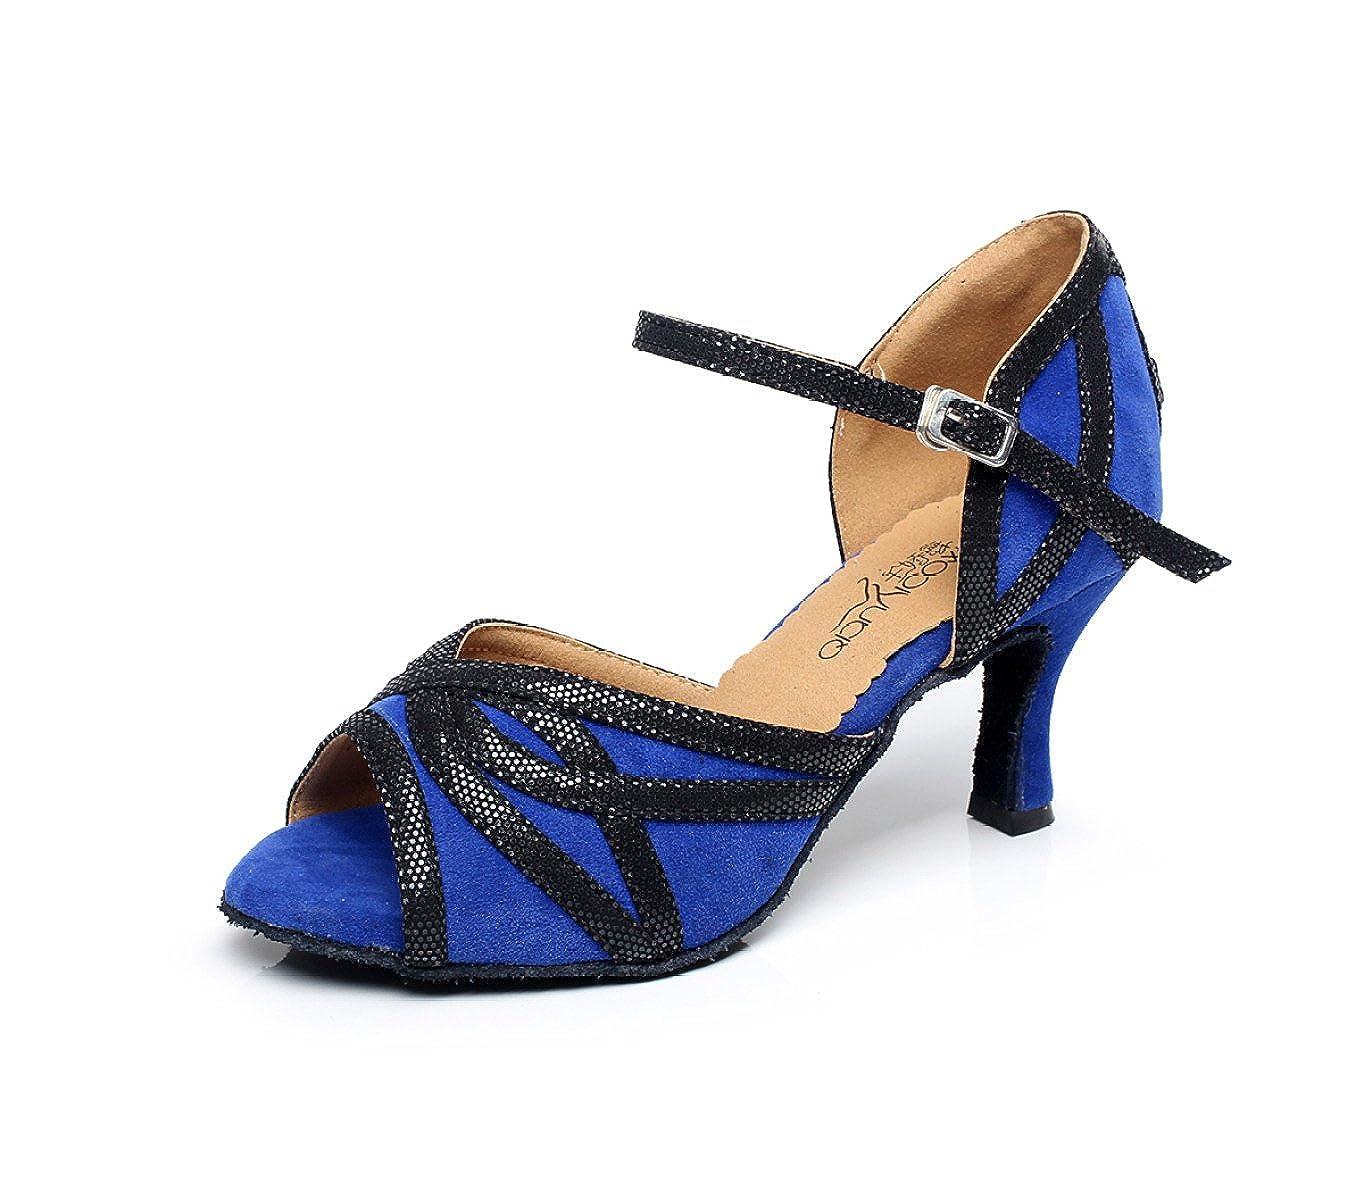 JSHOE Latin Cristaux Danse De Femmes étincelant Satin B07255KPXV Latin Salsa Chaussures De Danse Tango/Thé/Samba/Moderne/Jazz Chaussures Sandales Talons Hauts,Blue-heeled8.5cm-UK5.5/EU38/Our39 - 7d564a6 - shopssong.space